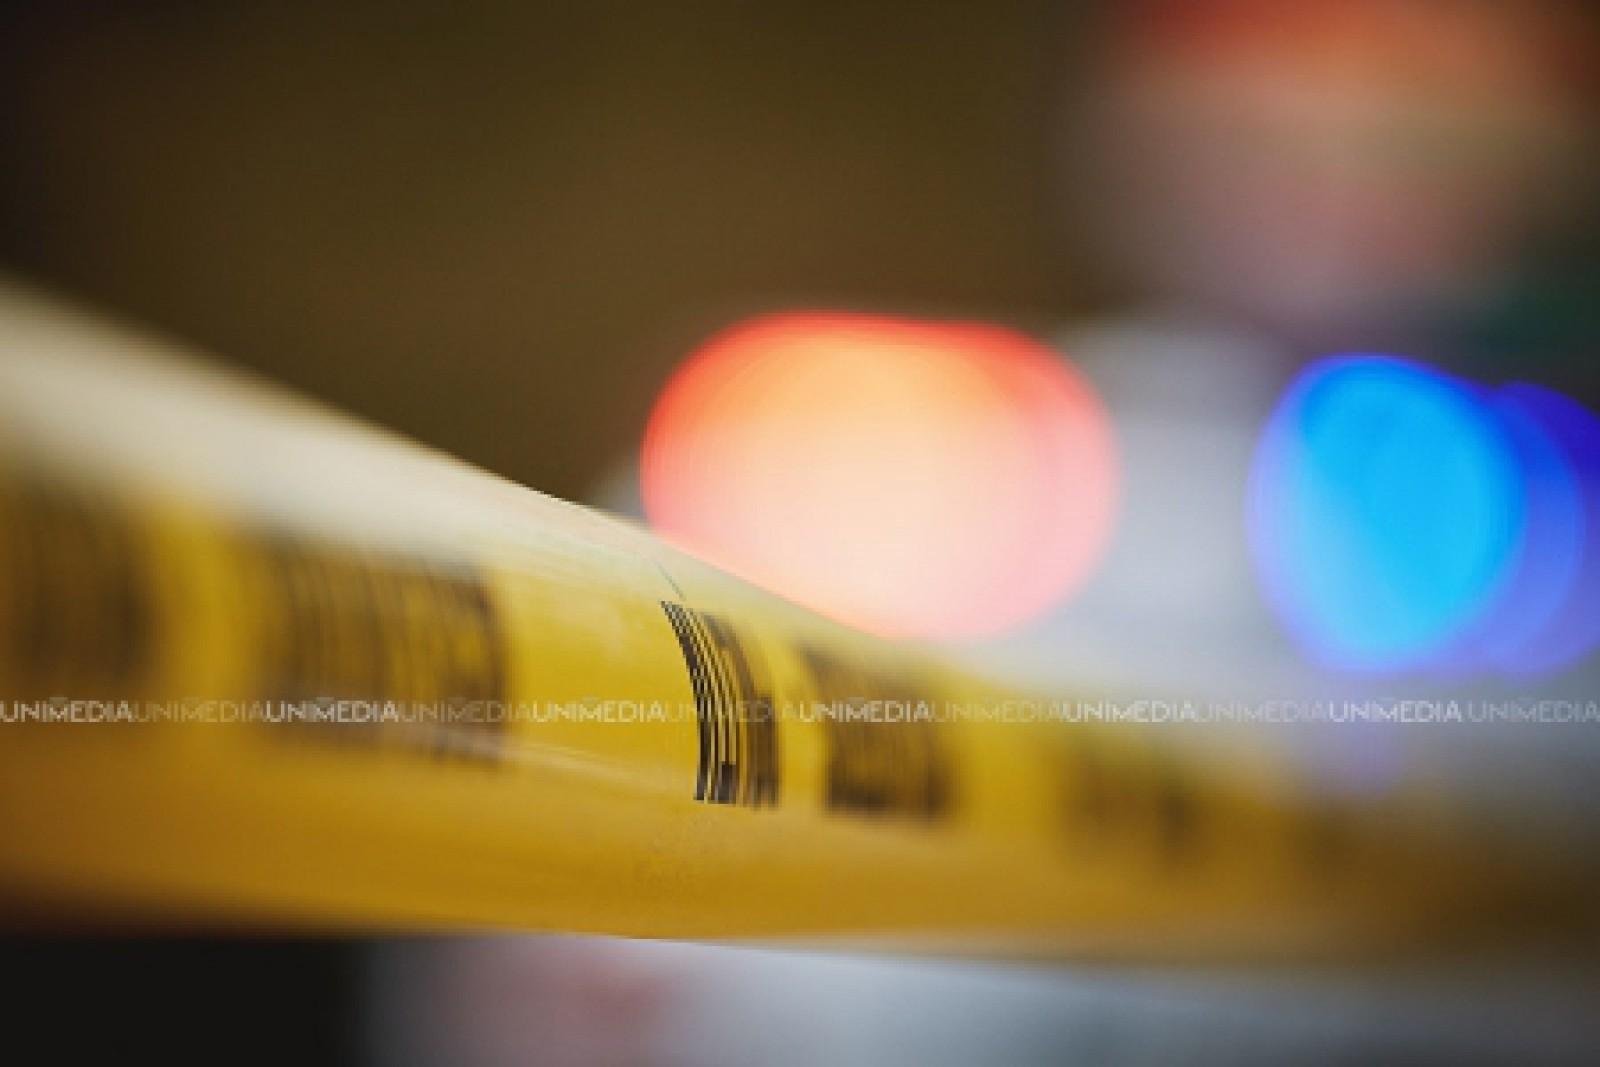 Un bărbat, găsit împușcat în gât în propria locuință. Pensionarul s-ar fi sinucis